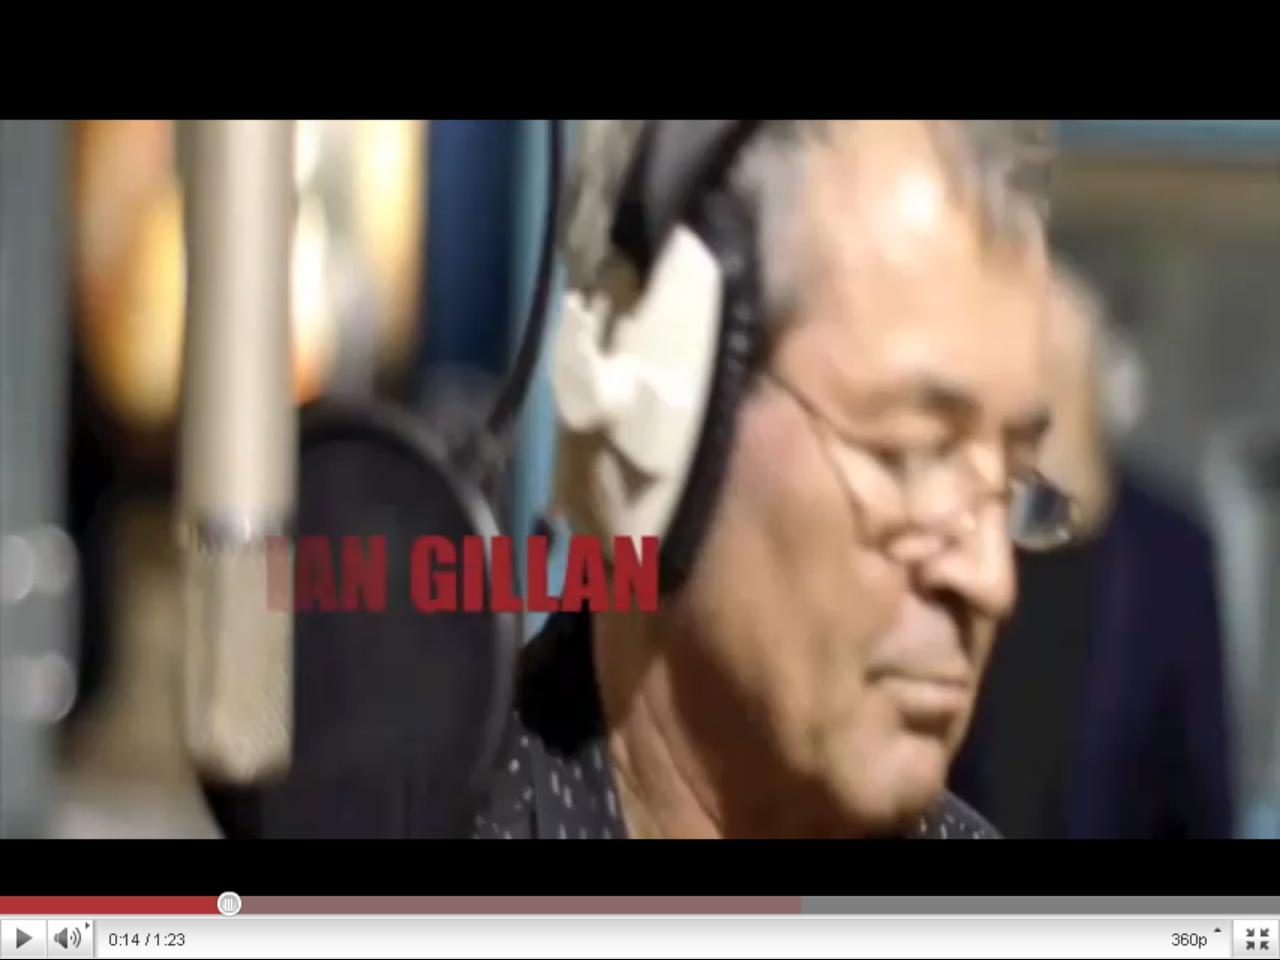 Յան Գիլանի և Թոնի Այոմիի «Out of My Mind» երգի պրոմո–տեսահոլովակը